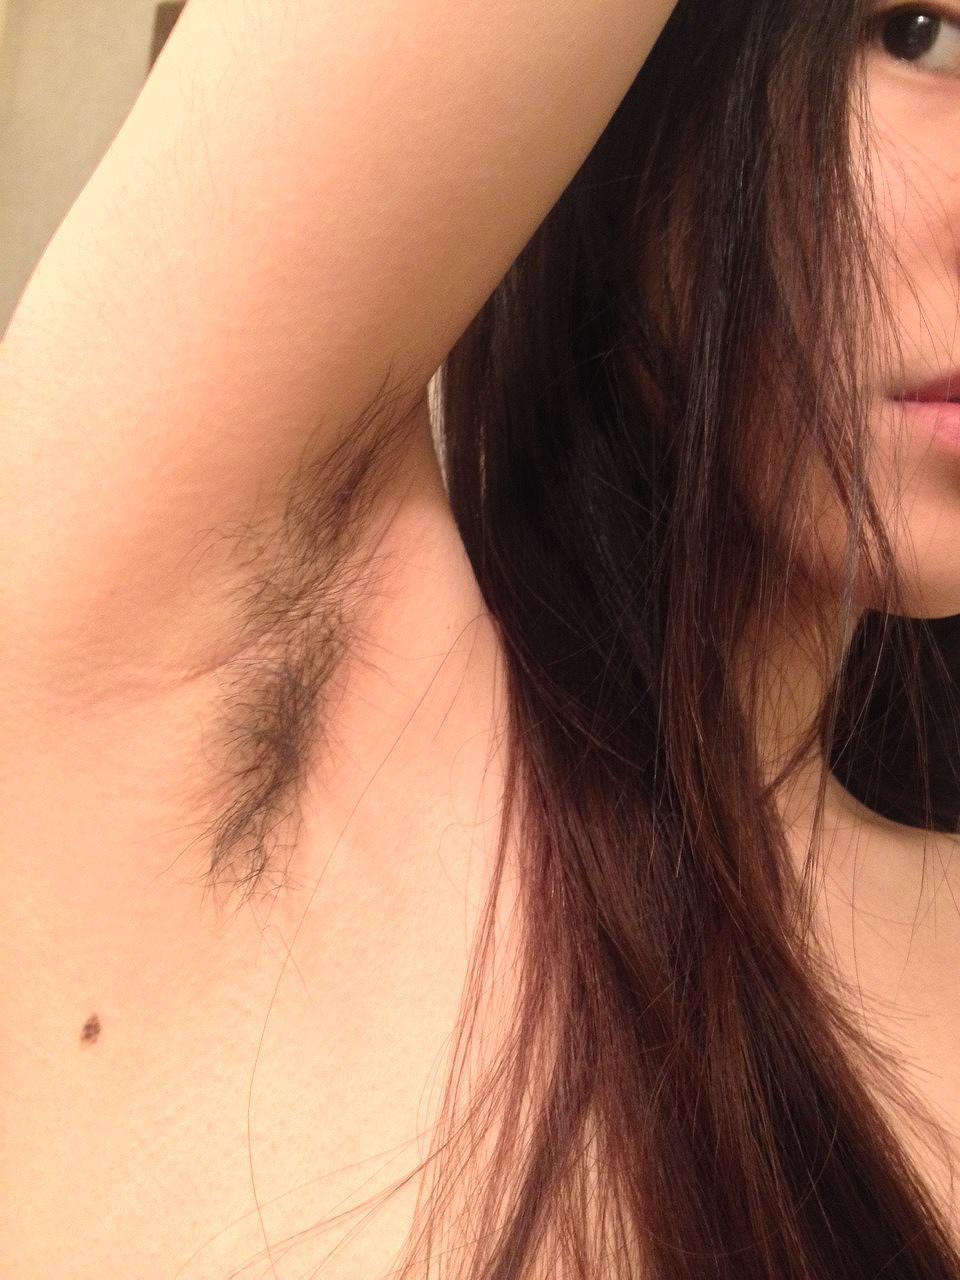 ワキ毛を伸ばしっぱなしにした女の子